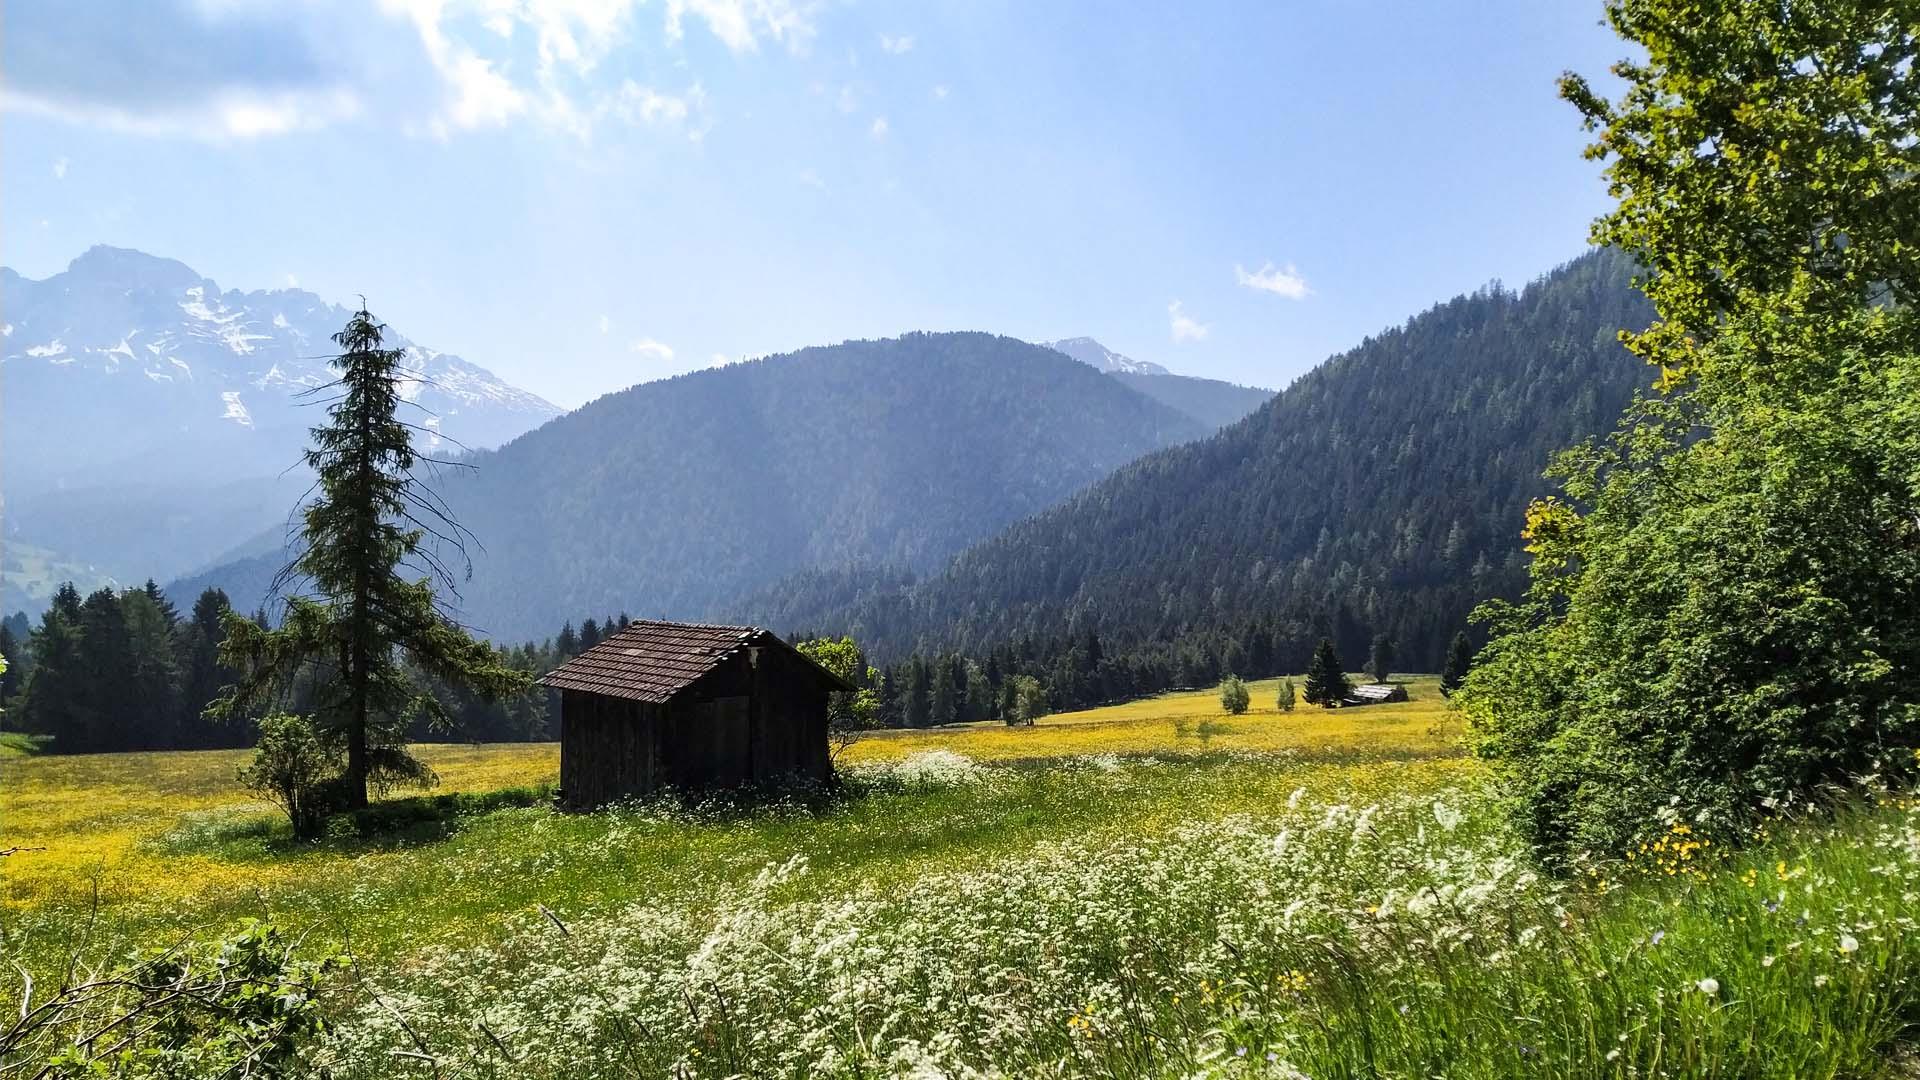 Itinerari fuori porta - Trentino Alto Adige, itinerarium